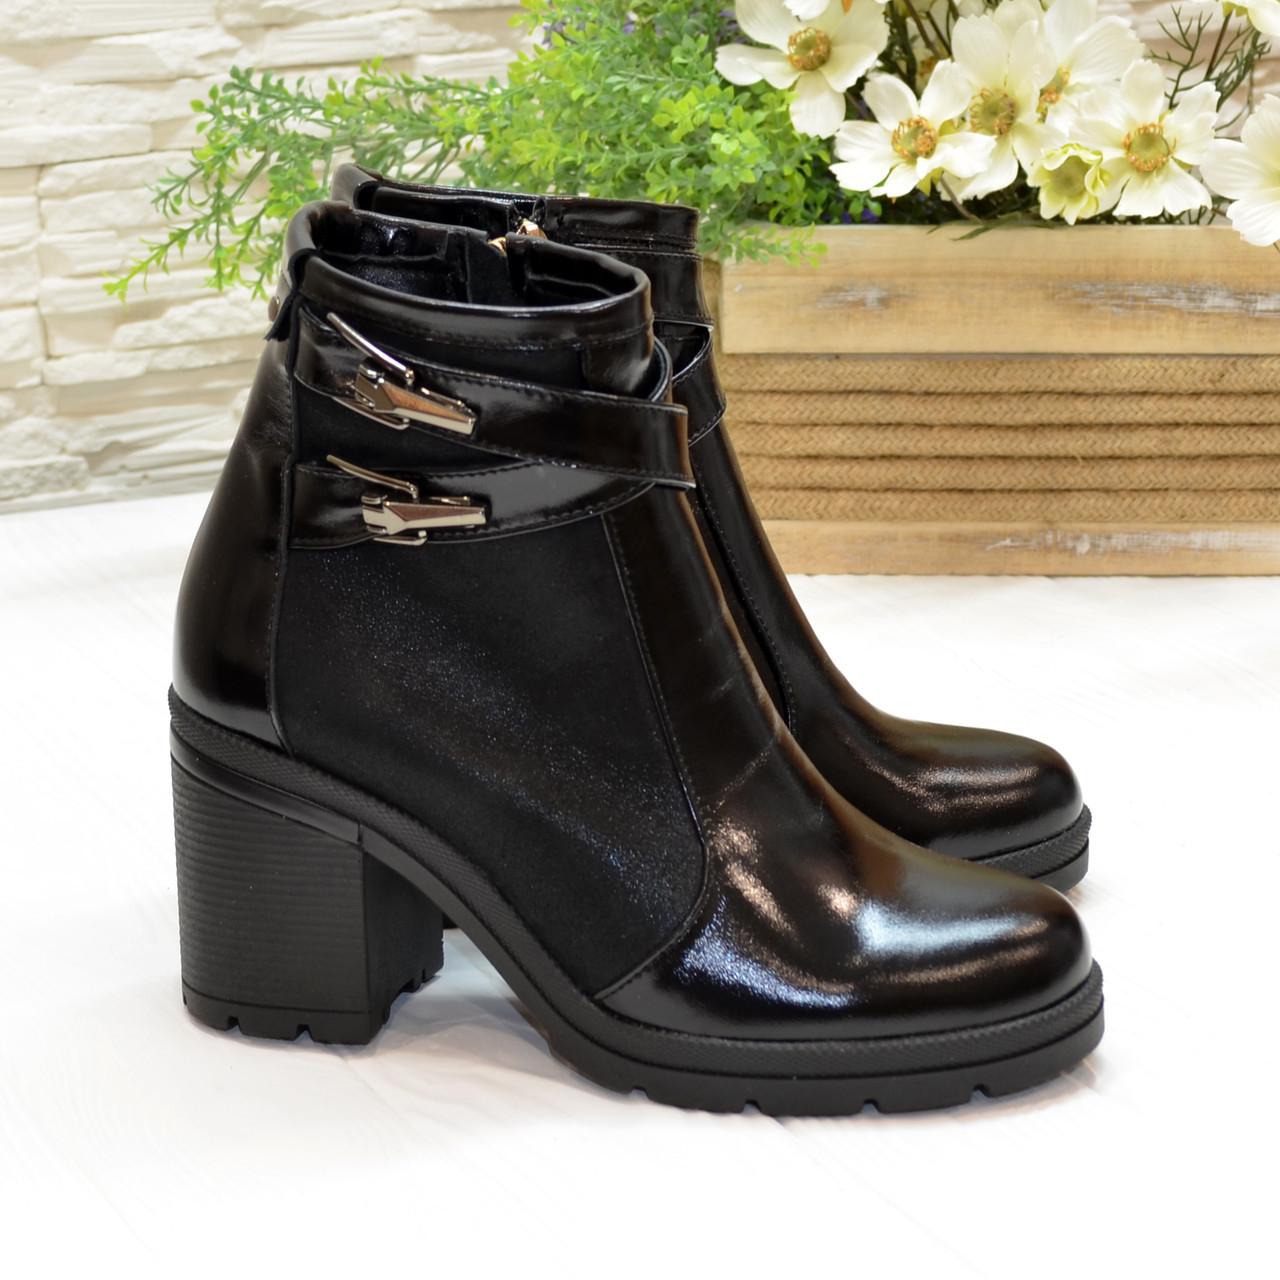 Ботинки зимние комбинированные на каблуке, цвет черный